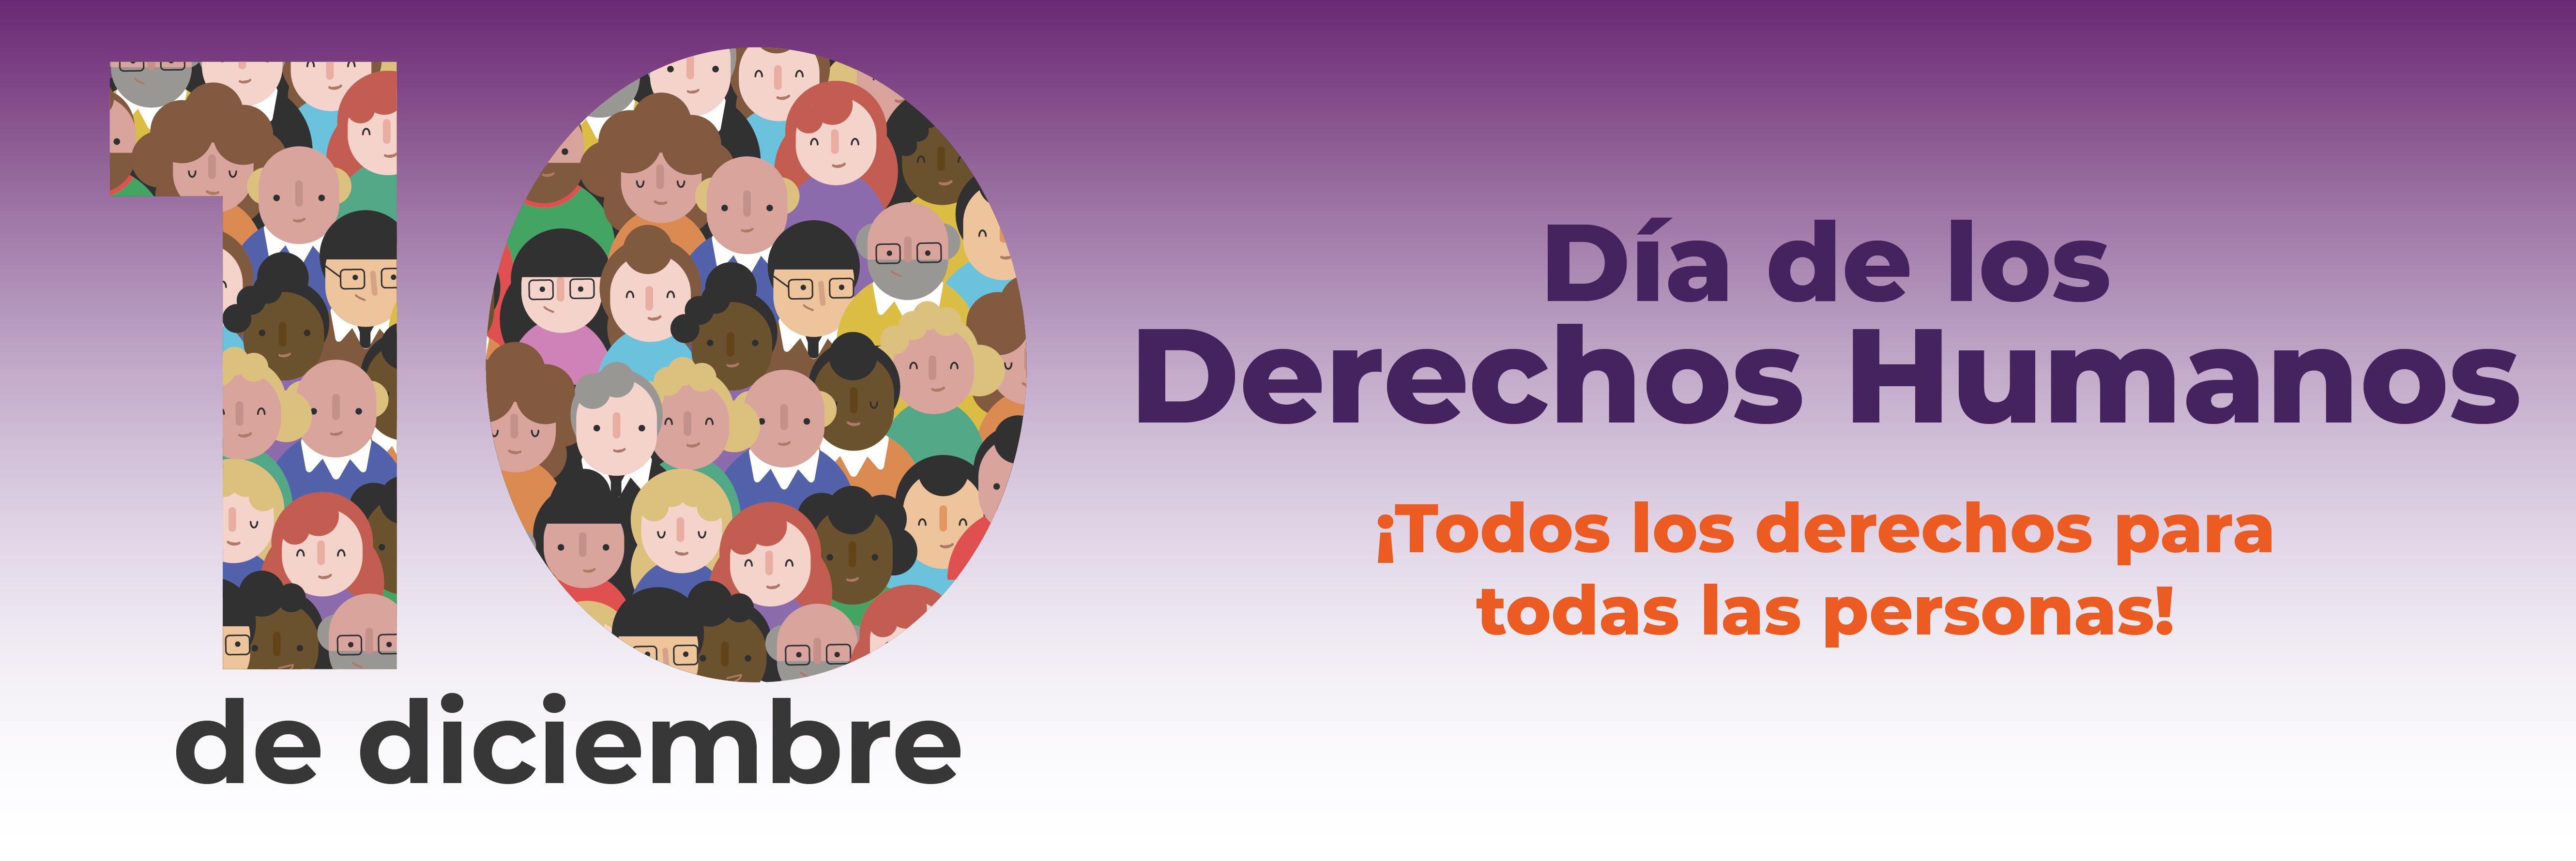 DERECHOS HUMANOS-02